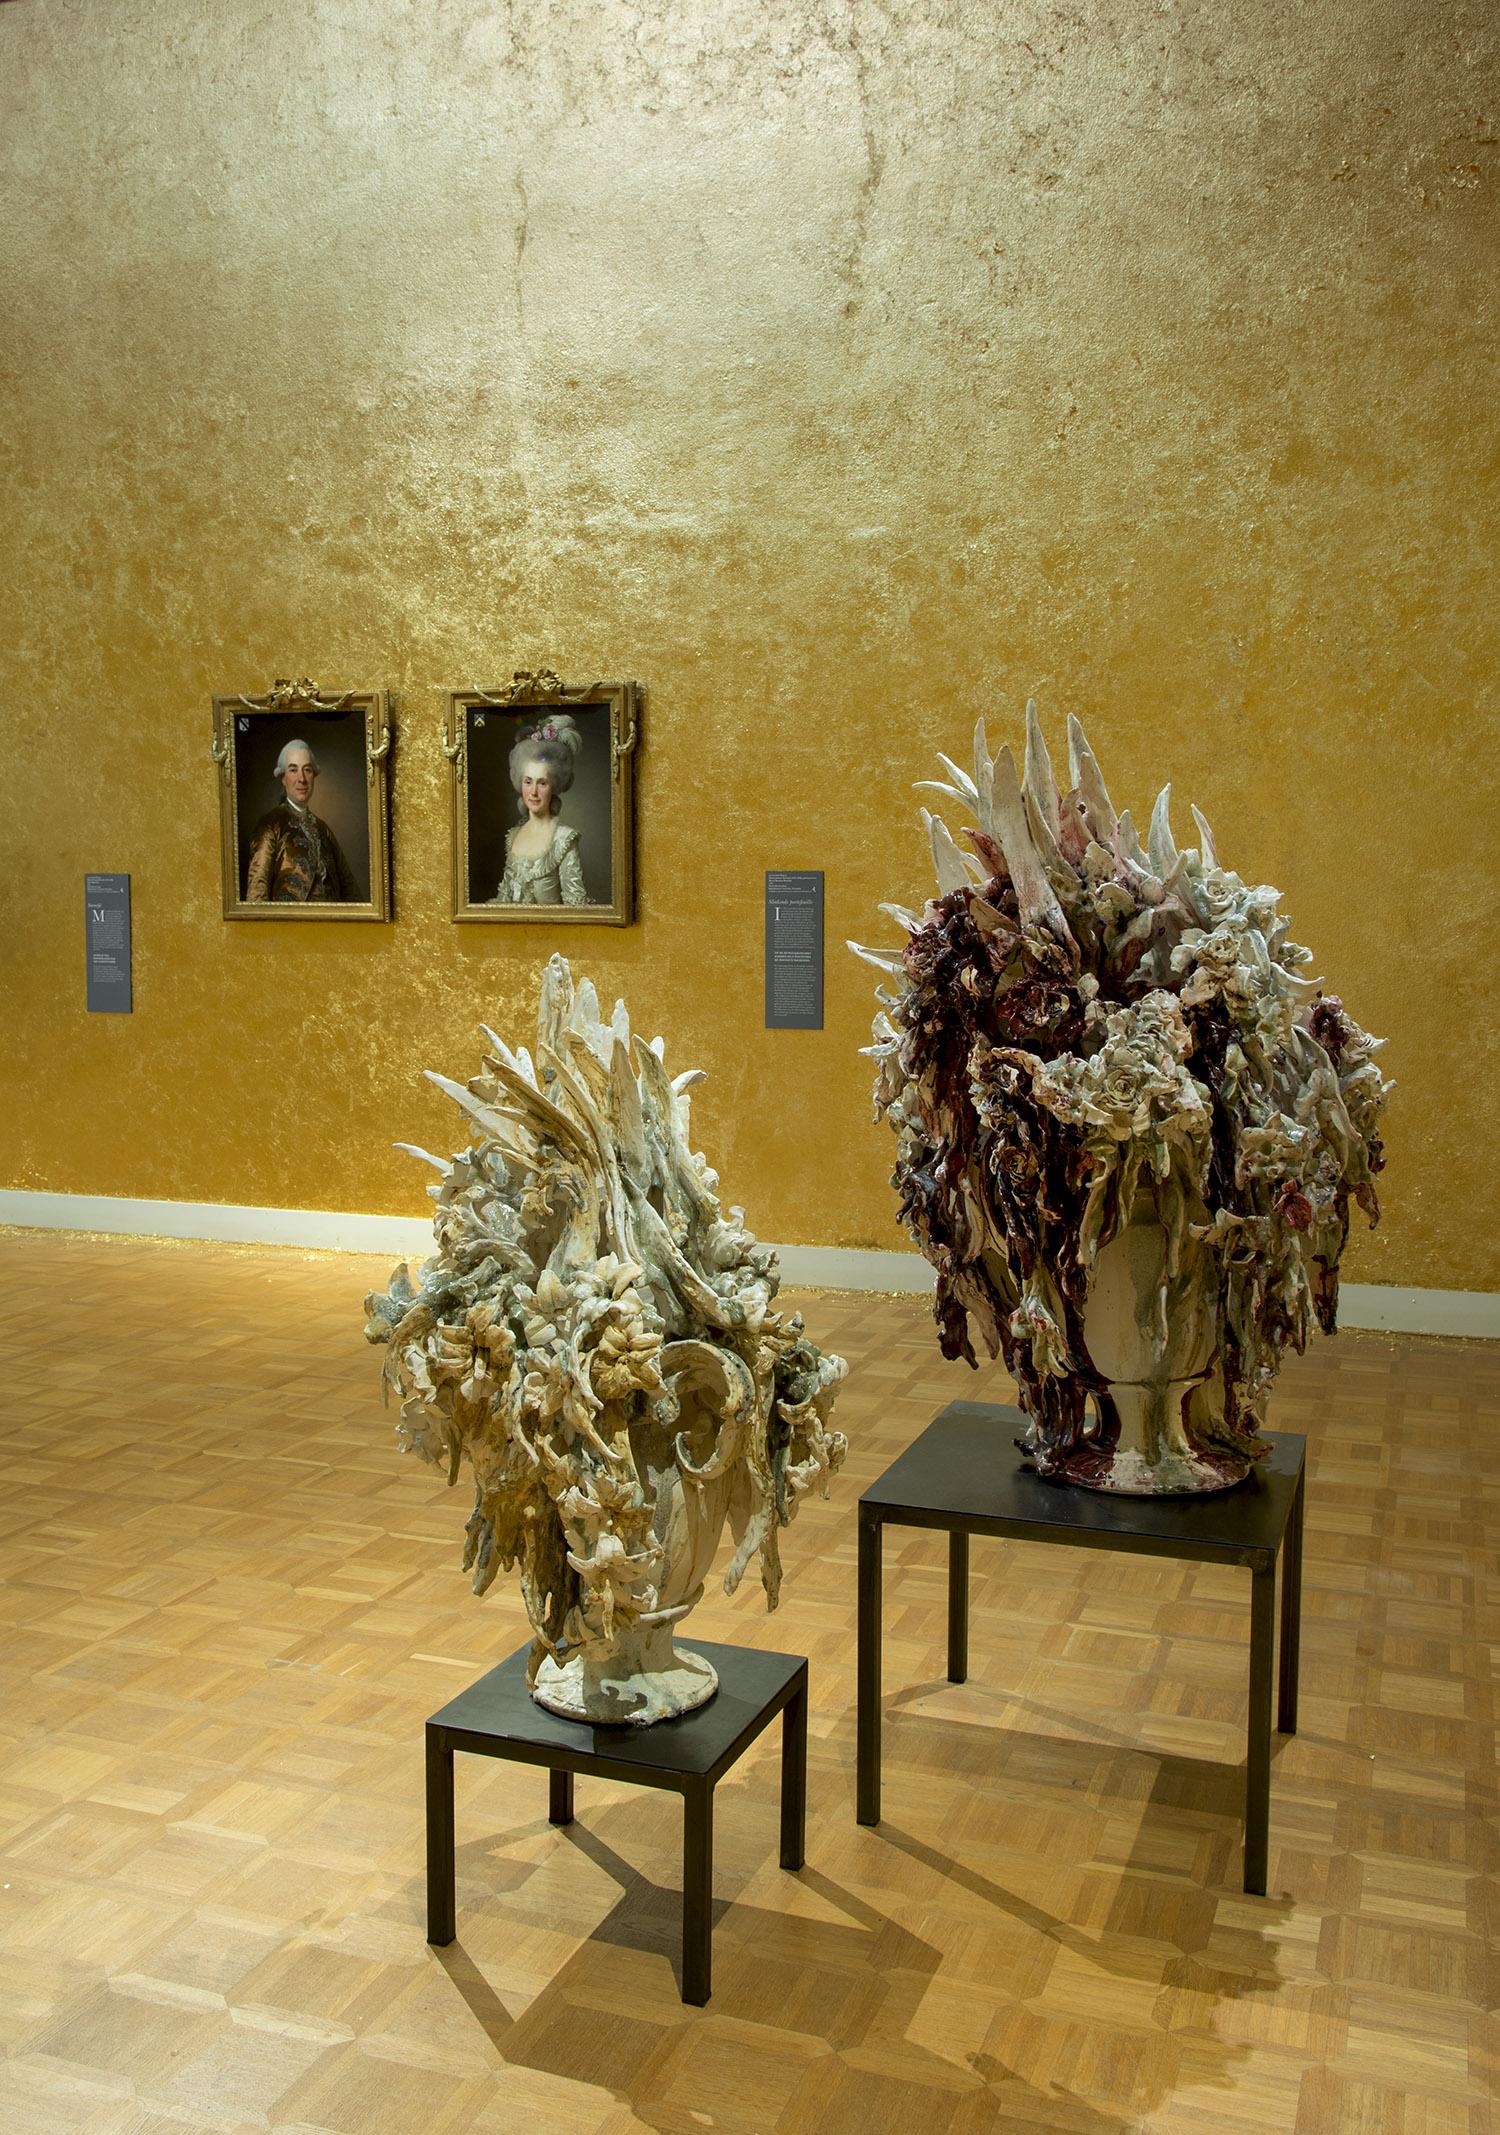 Barok Stoelen Enschede.Rijksmuseum Twenthe Het Kunstmuseum Van Enschede